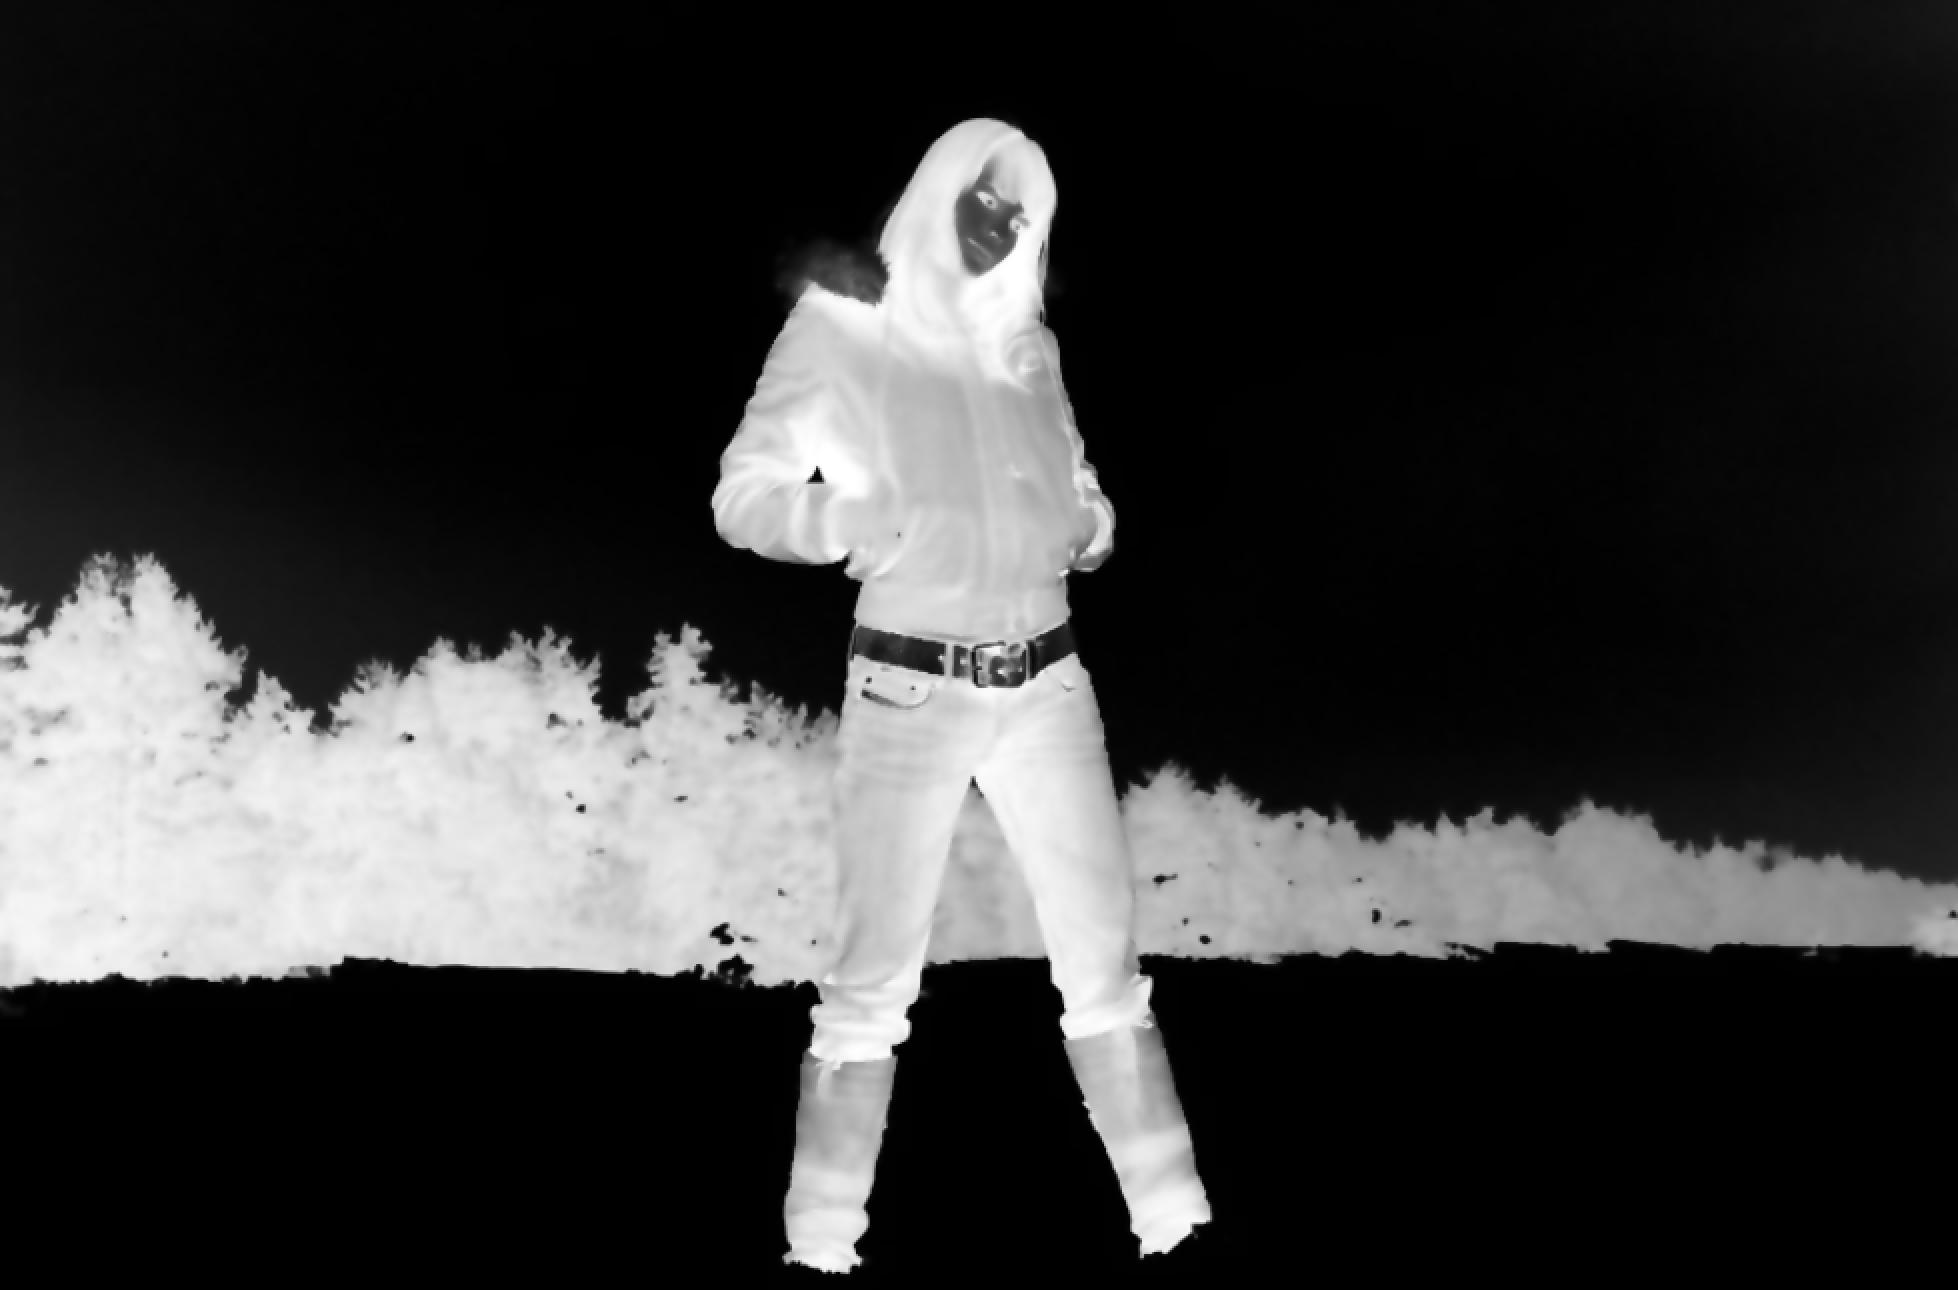 Voorbeeld van een foto met geïnverteerde kleuren